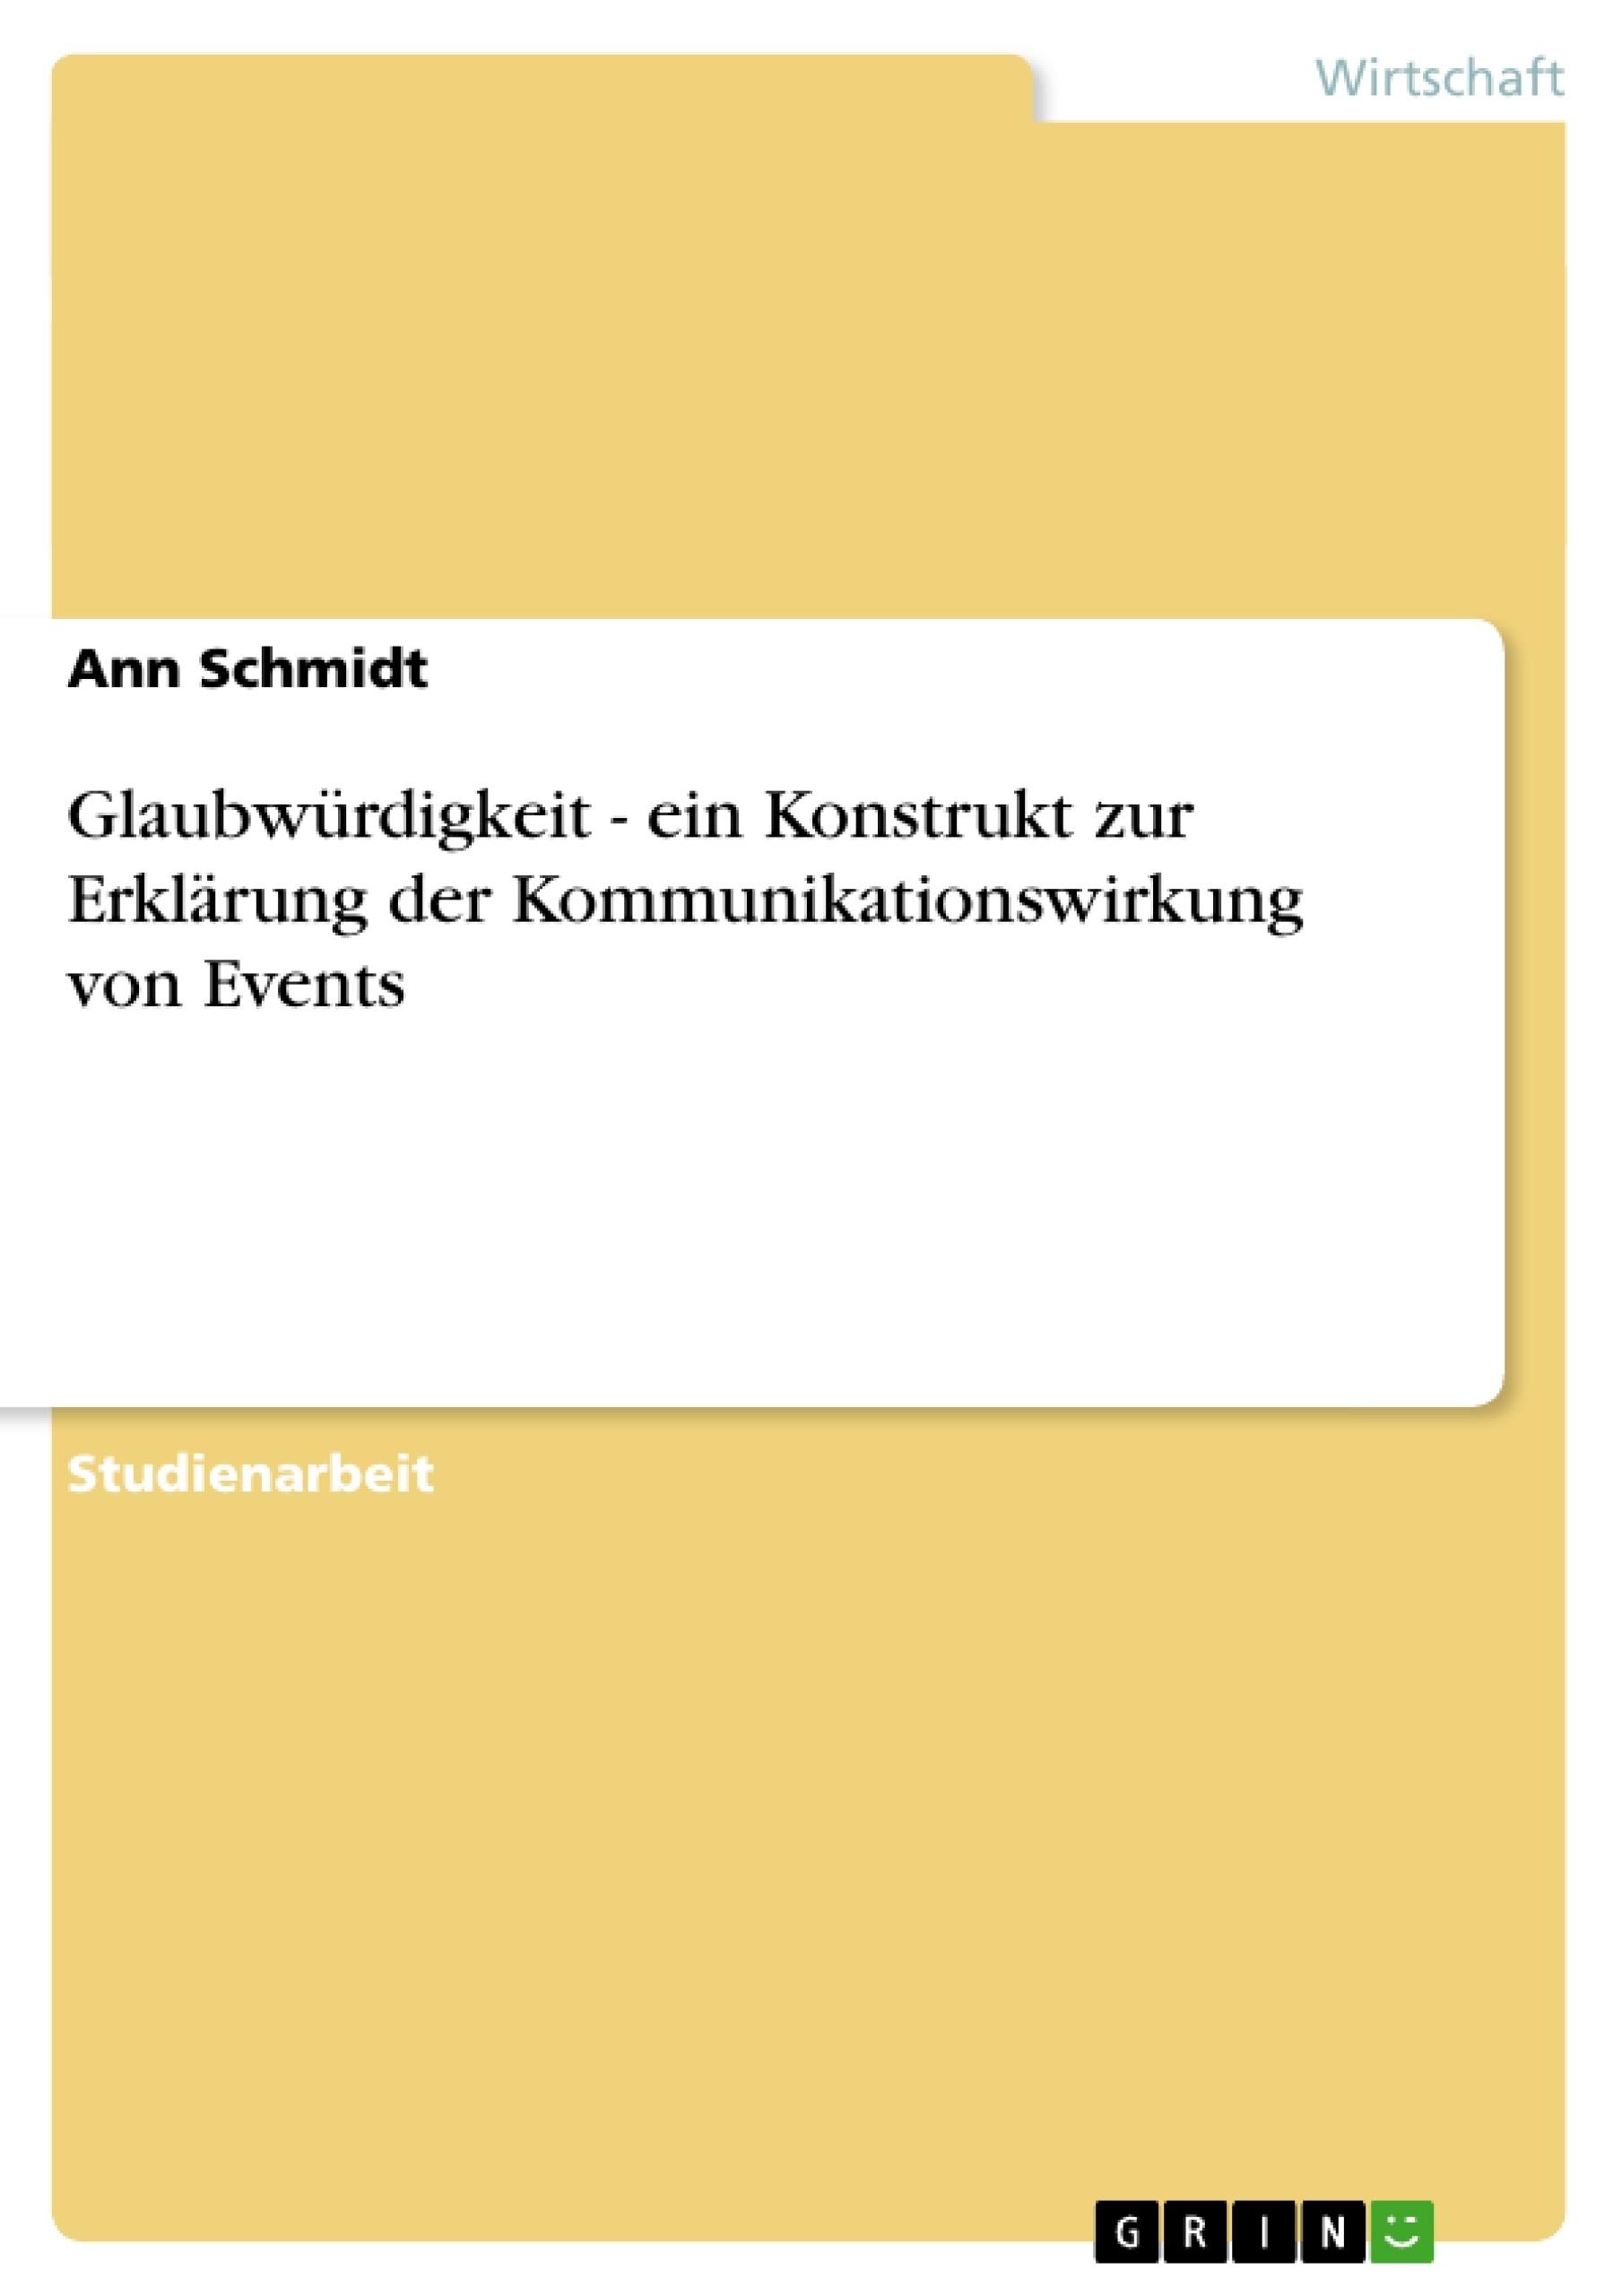 Titel: Glaubwürdigkeit - ein Konstrukt zur Erklärung der Kommunikationswirkung von Events